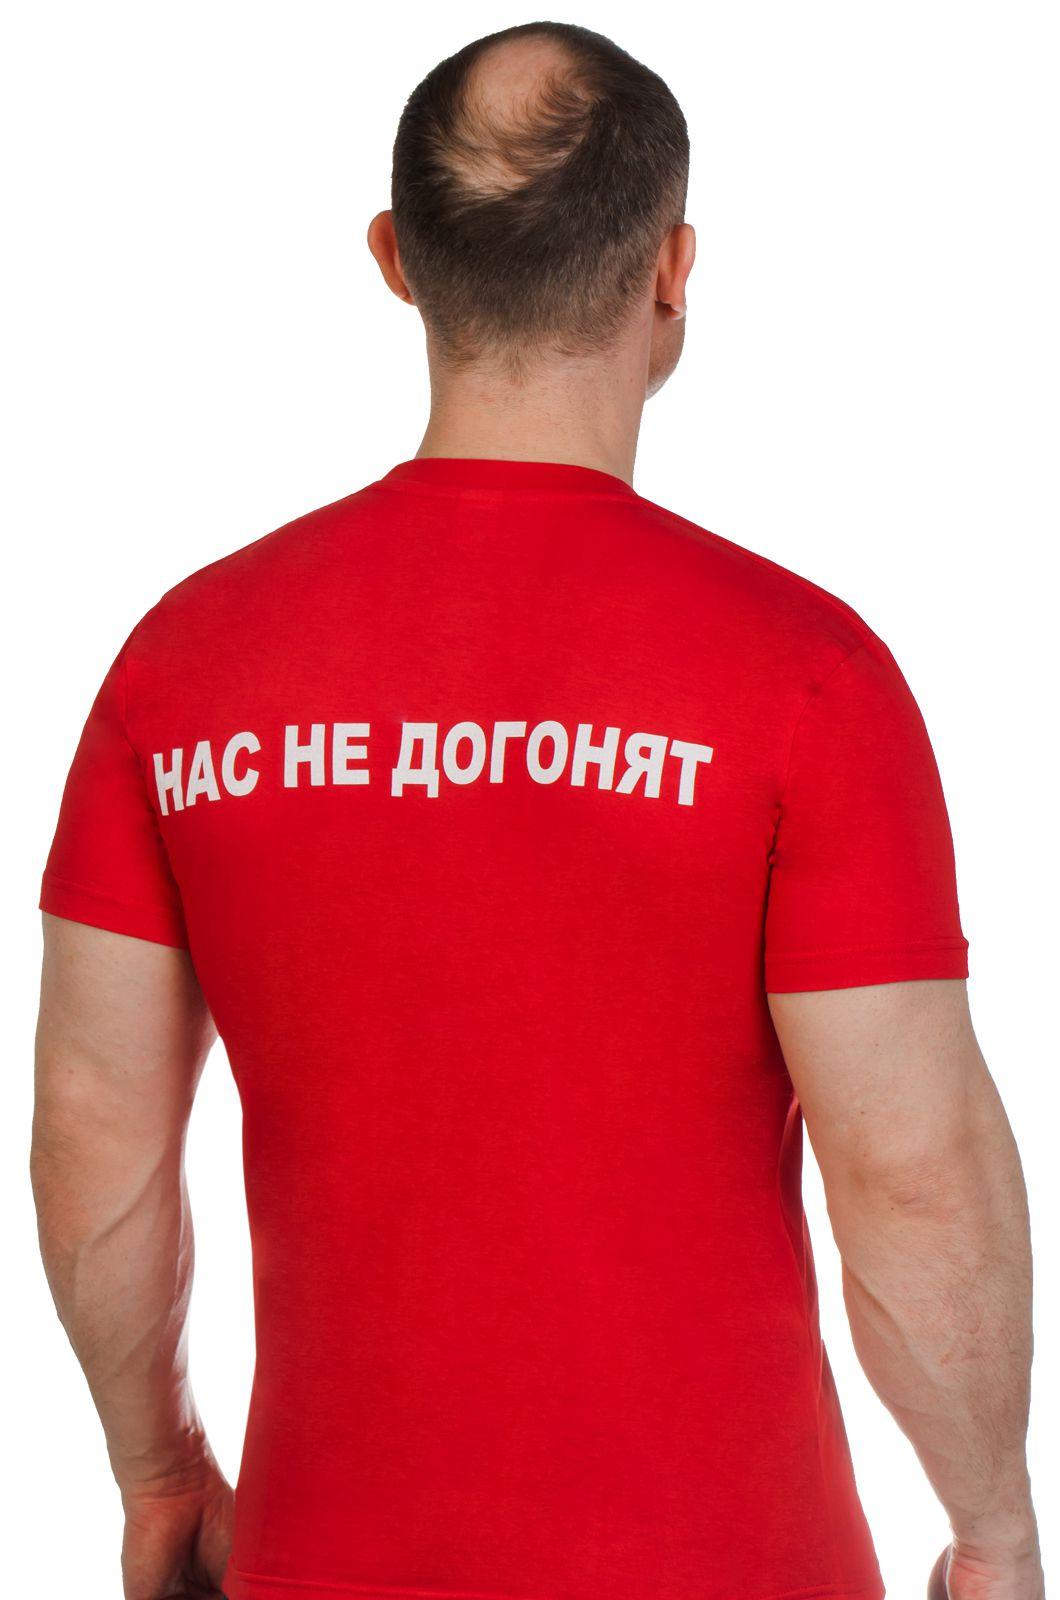 Патриотическая футболка с фотографией Путина по выгодной цене